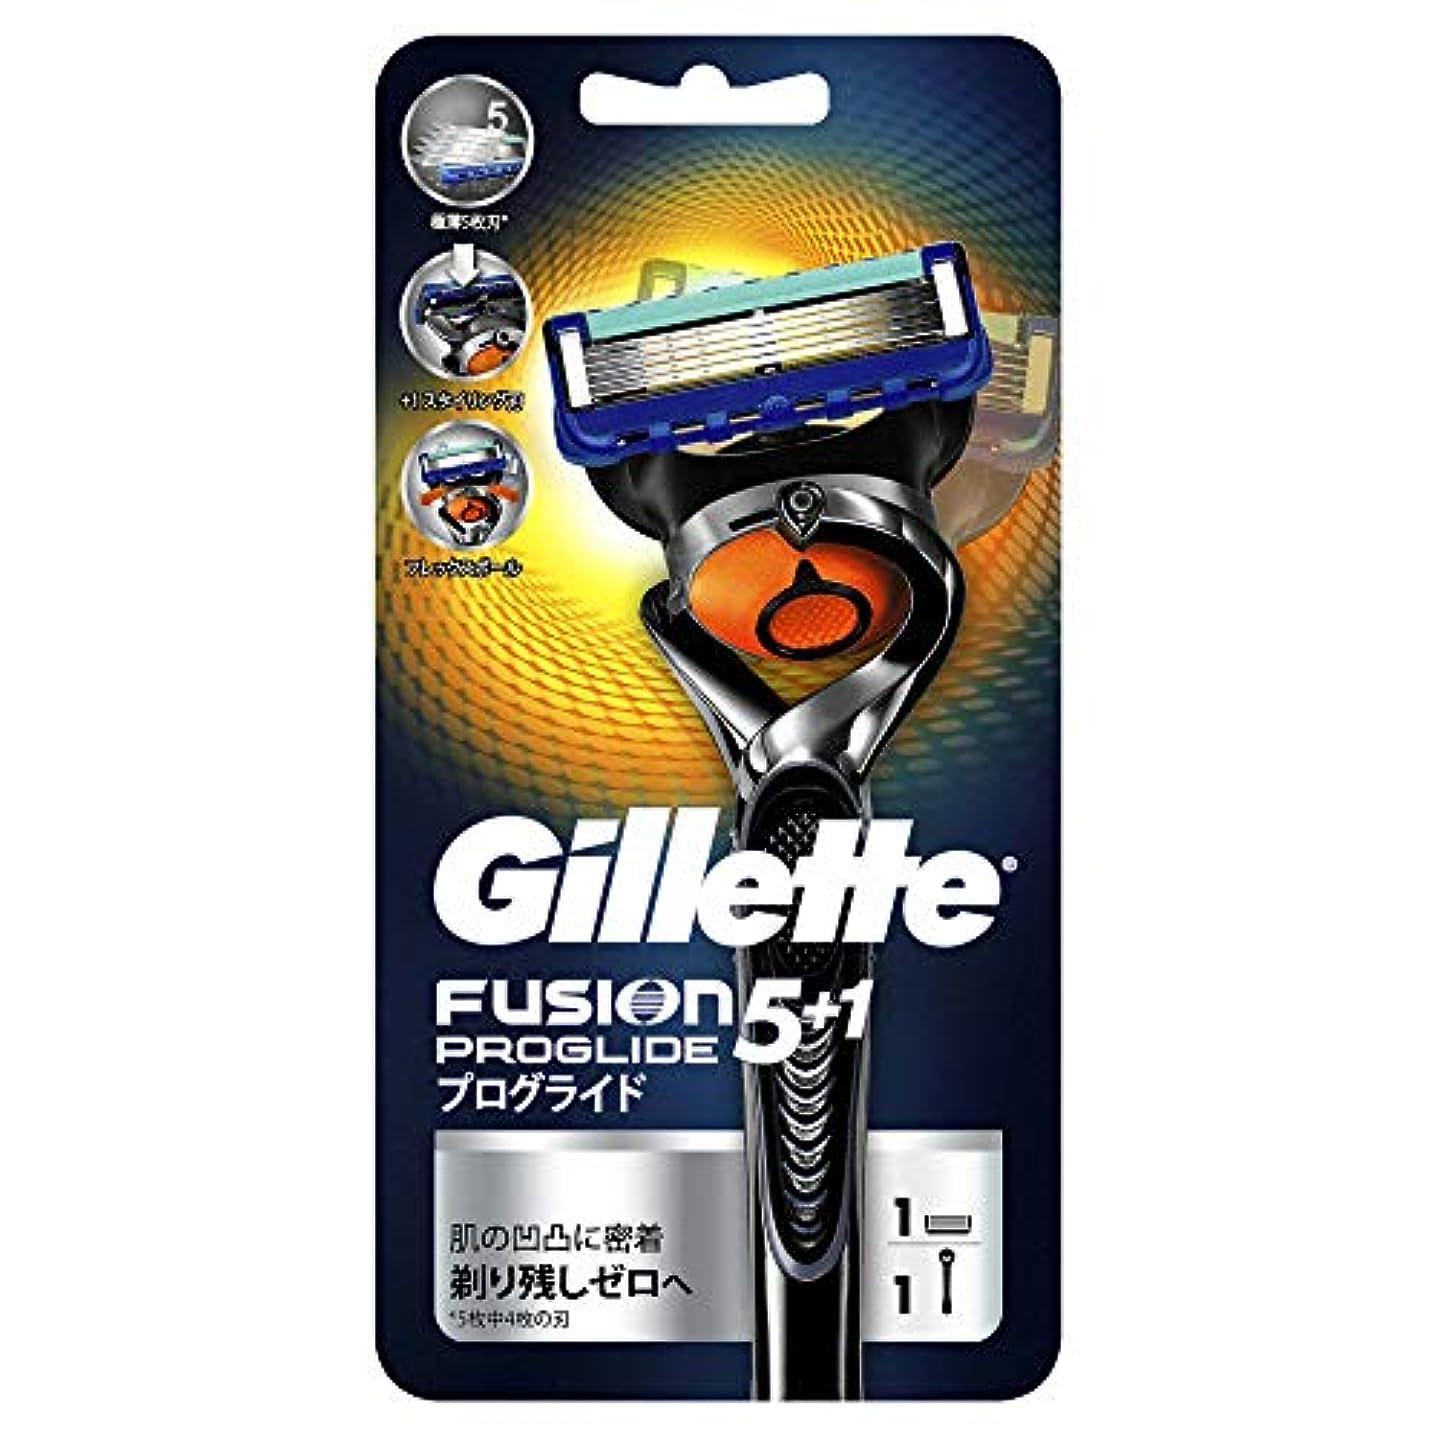 満足怠惰同時ジレット プログライド フレックスボール マニュアル 髭剃り 本体 お試しパック